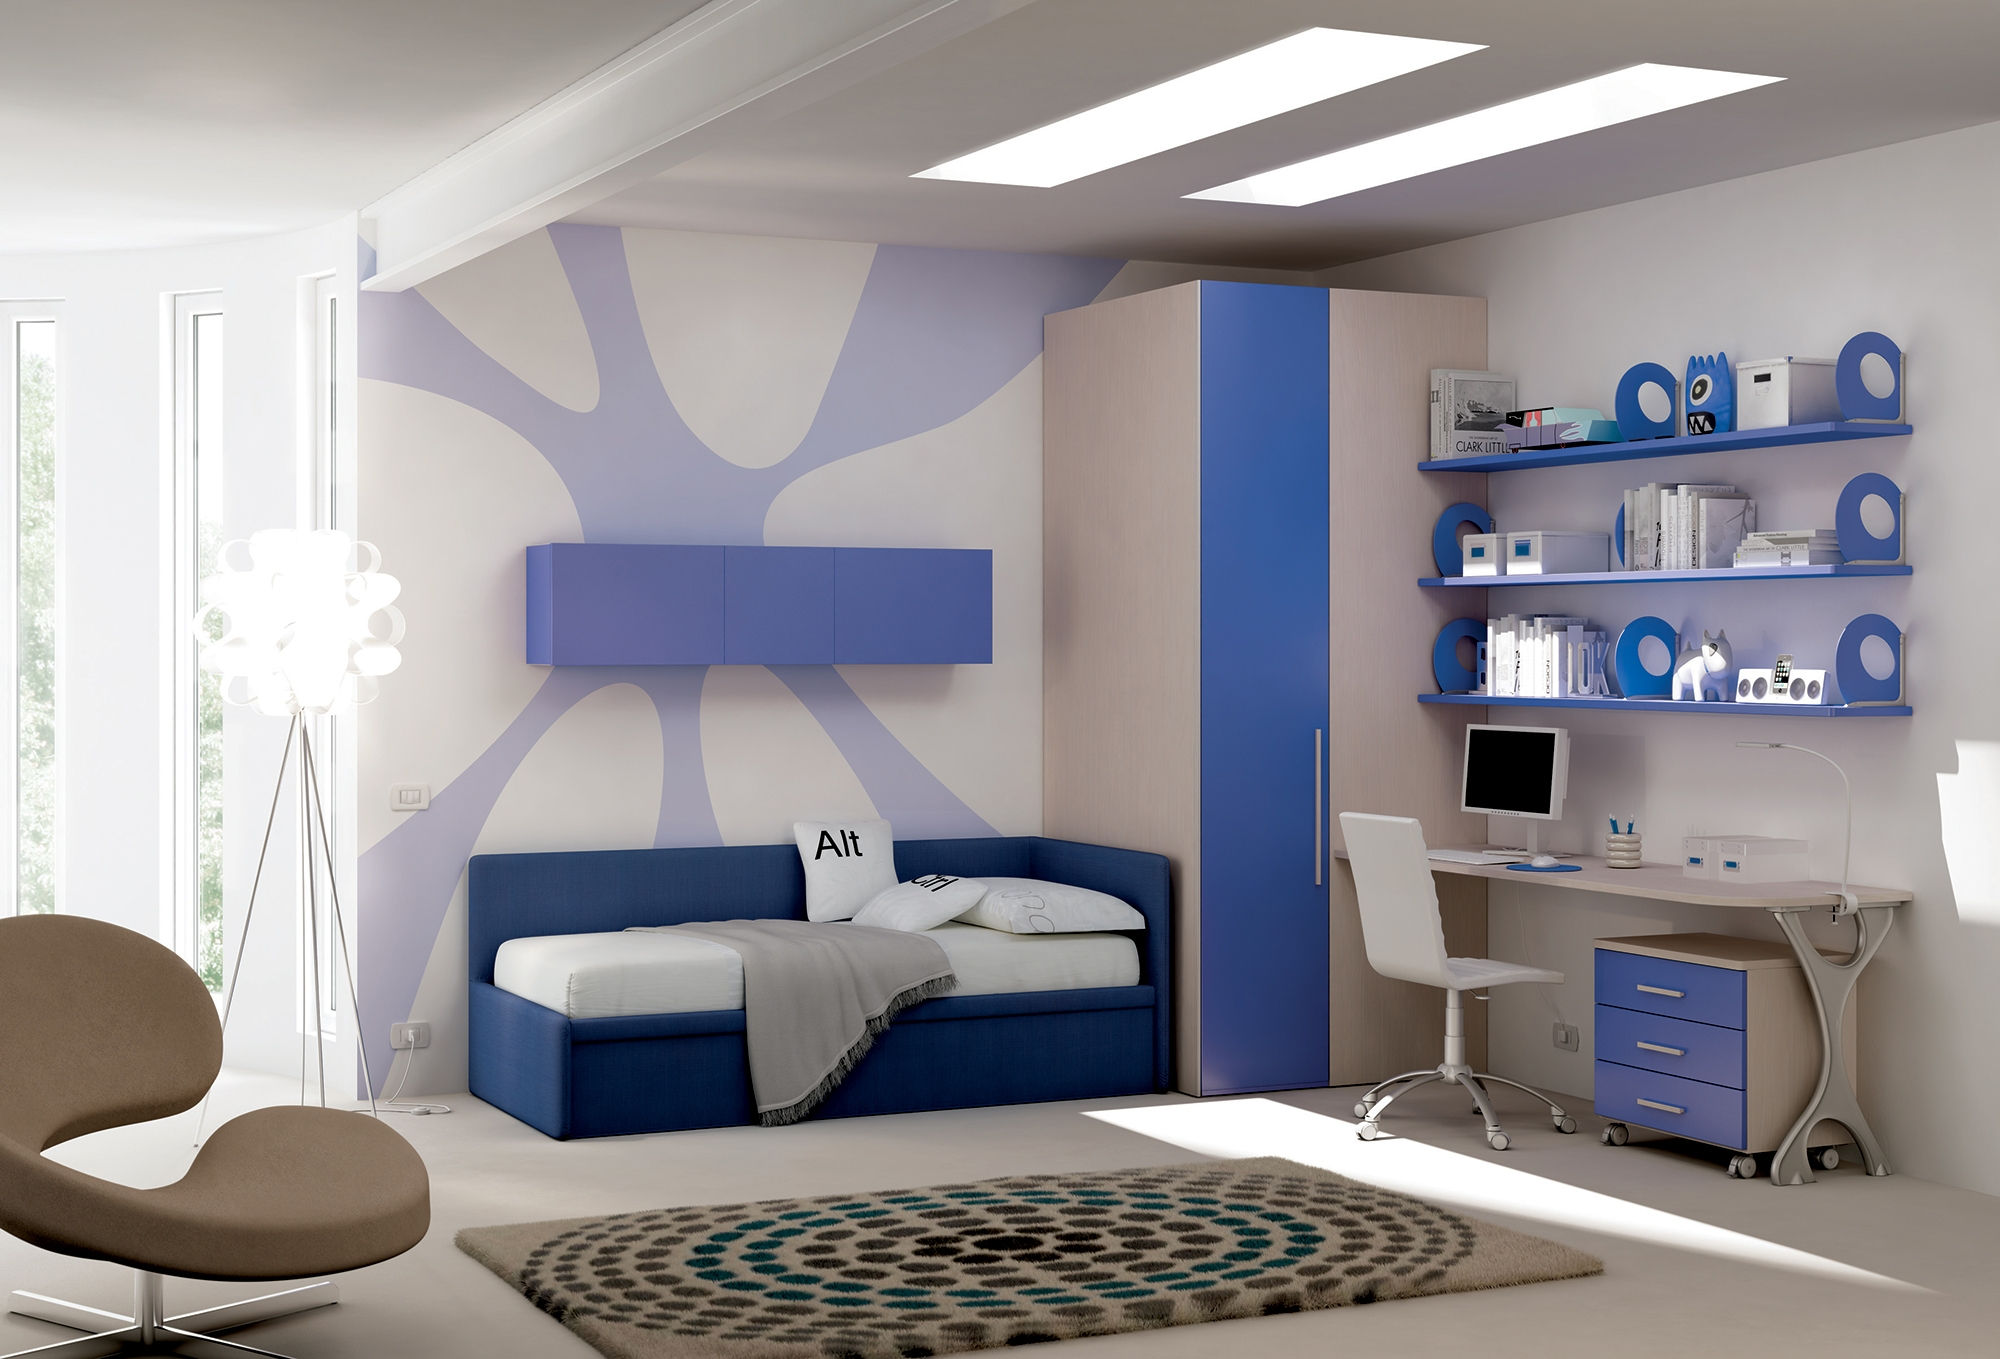 chambre enfant avec lit canap lit gigogne moretti compact so nuit. Black Bedroom Furniture Sets. Home Design Ideas